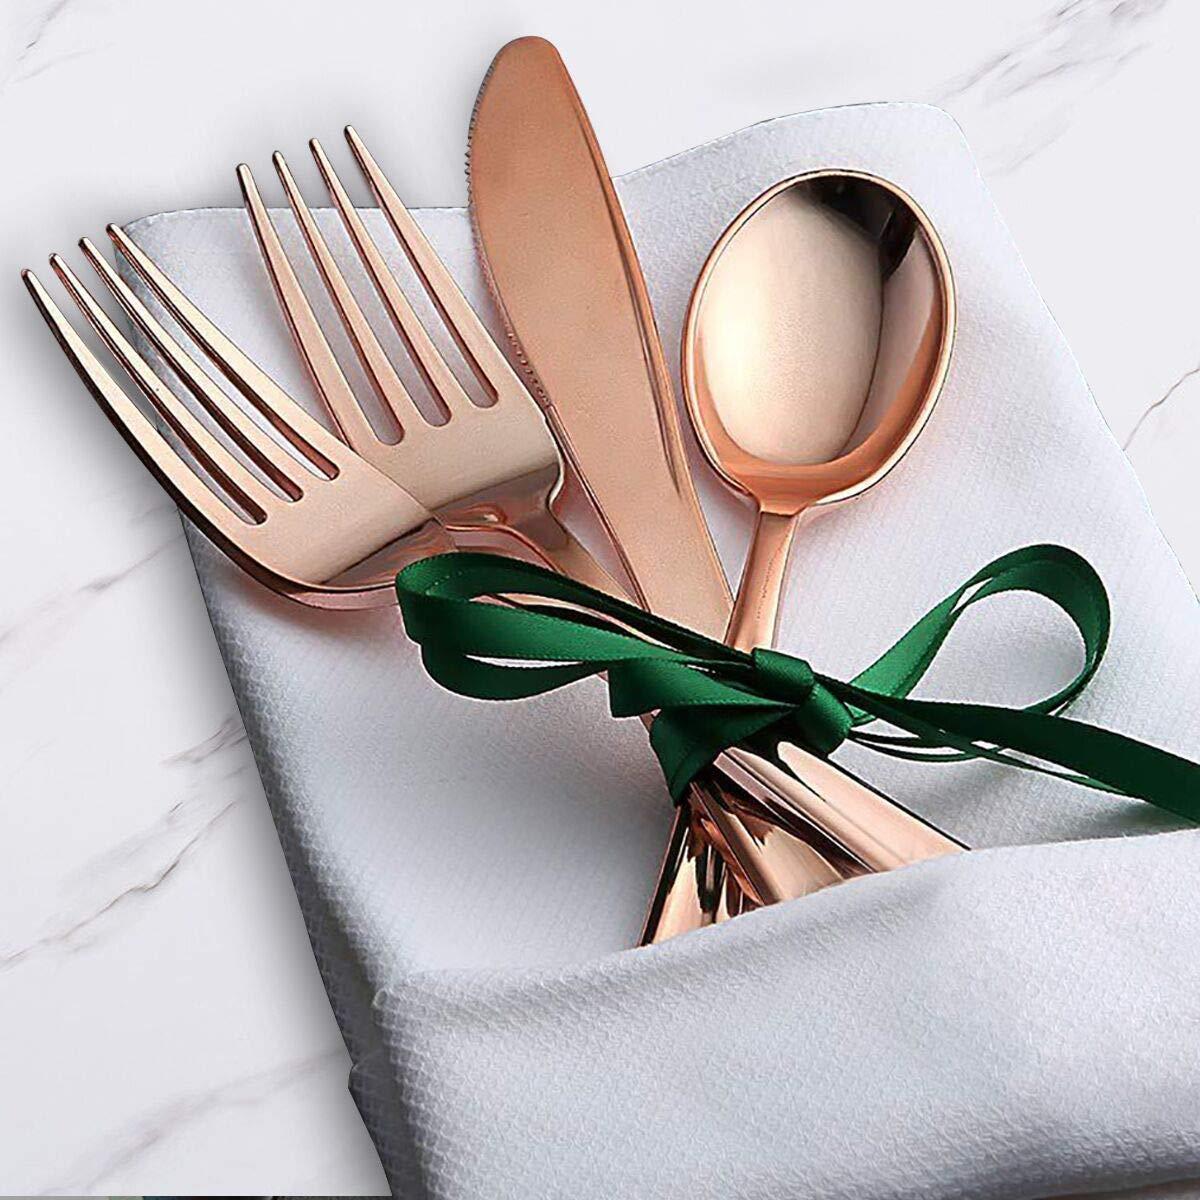 20 tasses dentelle 20 assiettes /à dessert Vaisselle en plastique 20 invit/és en or rose 40 fourchettes 20 couteaux 20 assiettes /à d/îner 20 serviettes 20 cuill/ères